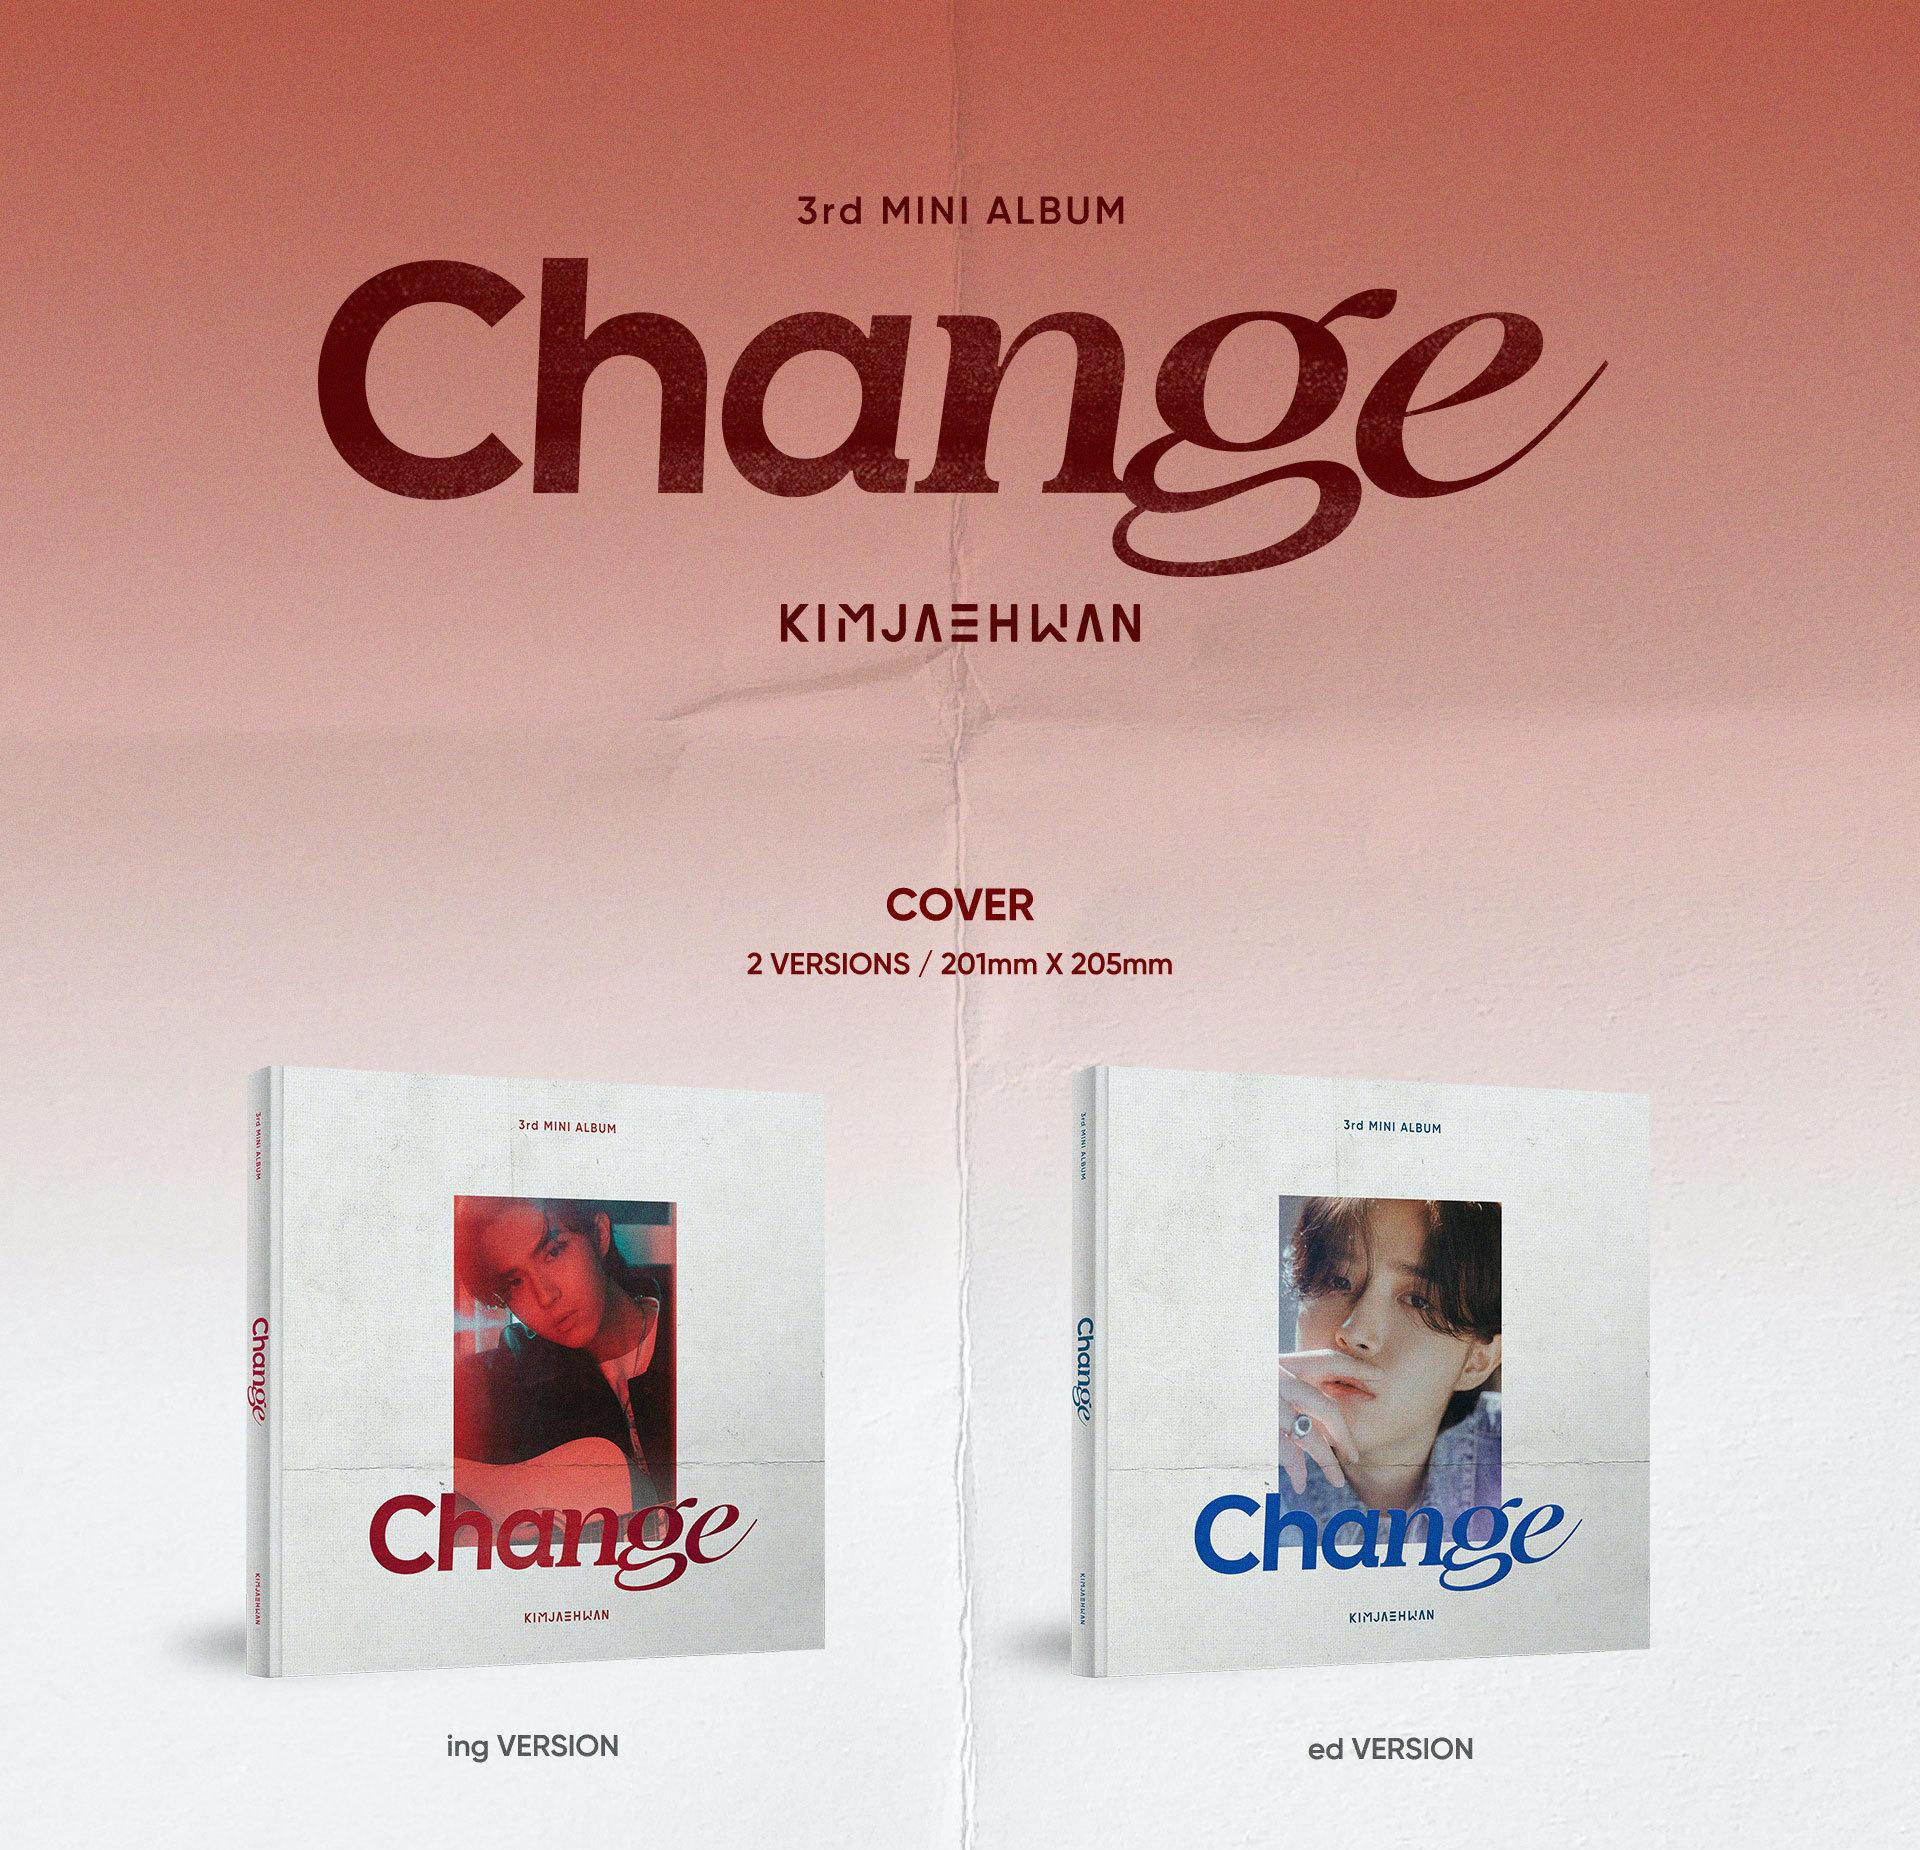 【オンライン特典会2部/2枚購入】キム・ジェファン3rd MINI ALBUM 'Change'